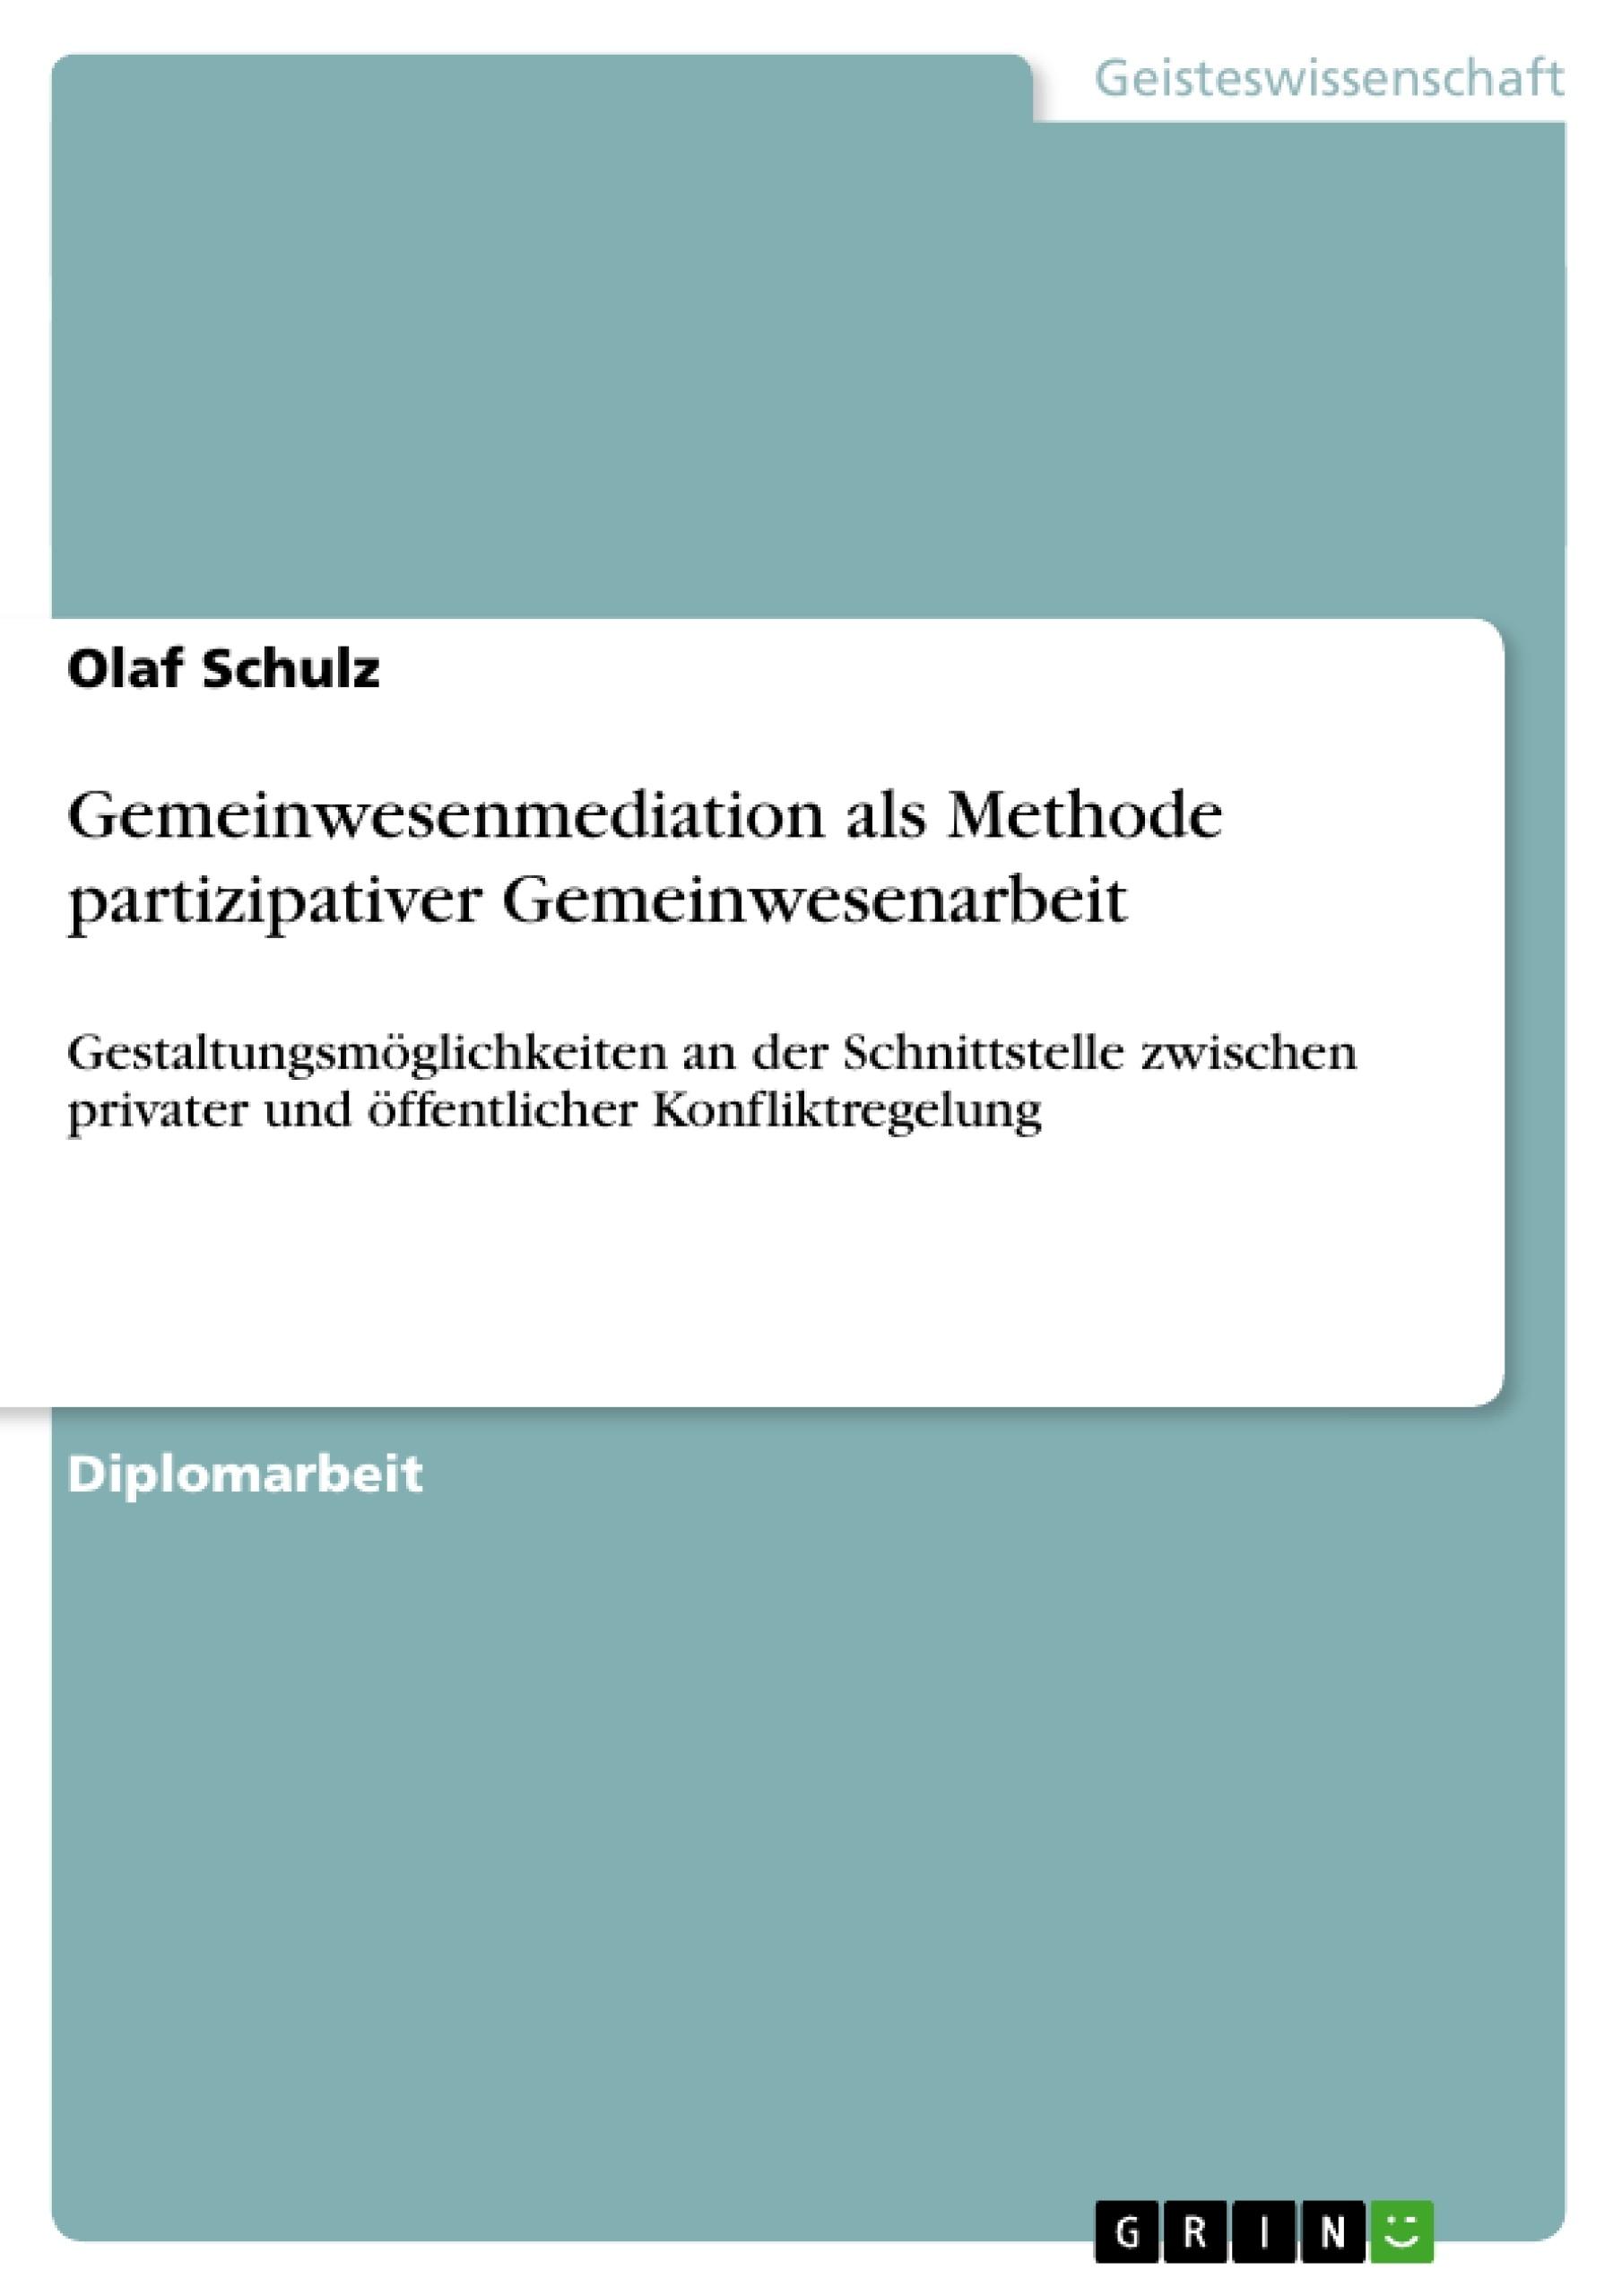 Titel: Gemeinwesenmediation als Methode partizipativer Gemeinwesenarbeit